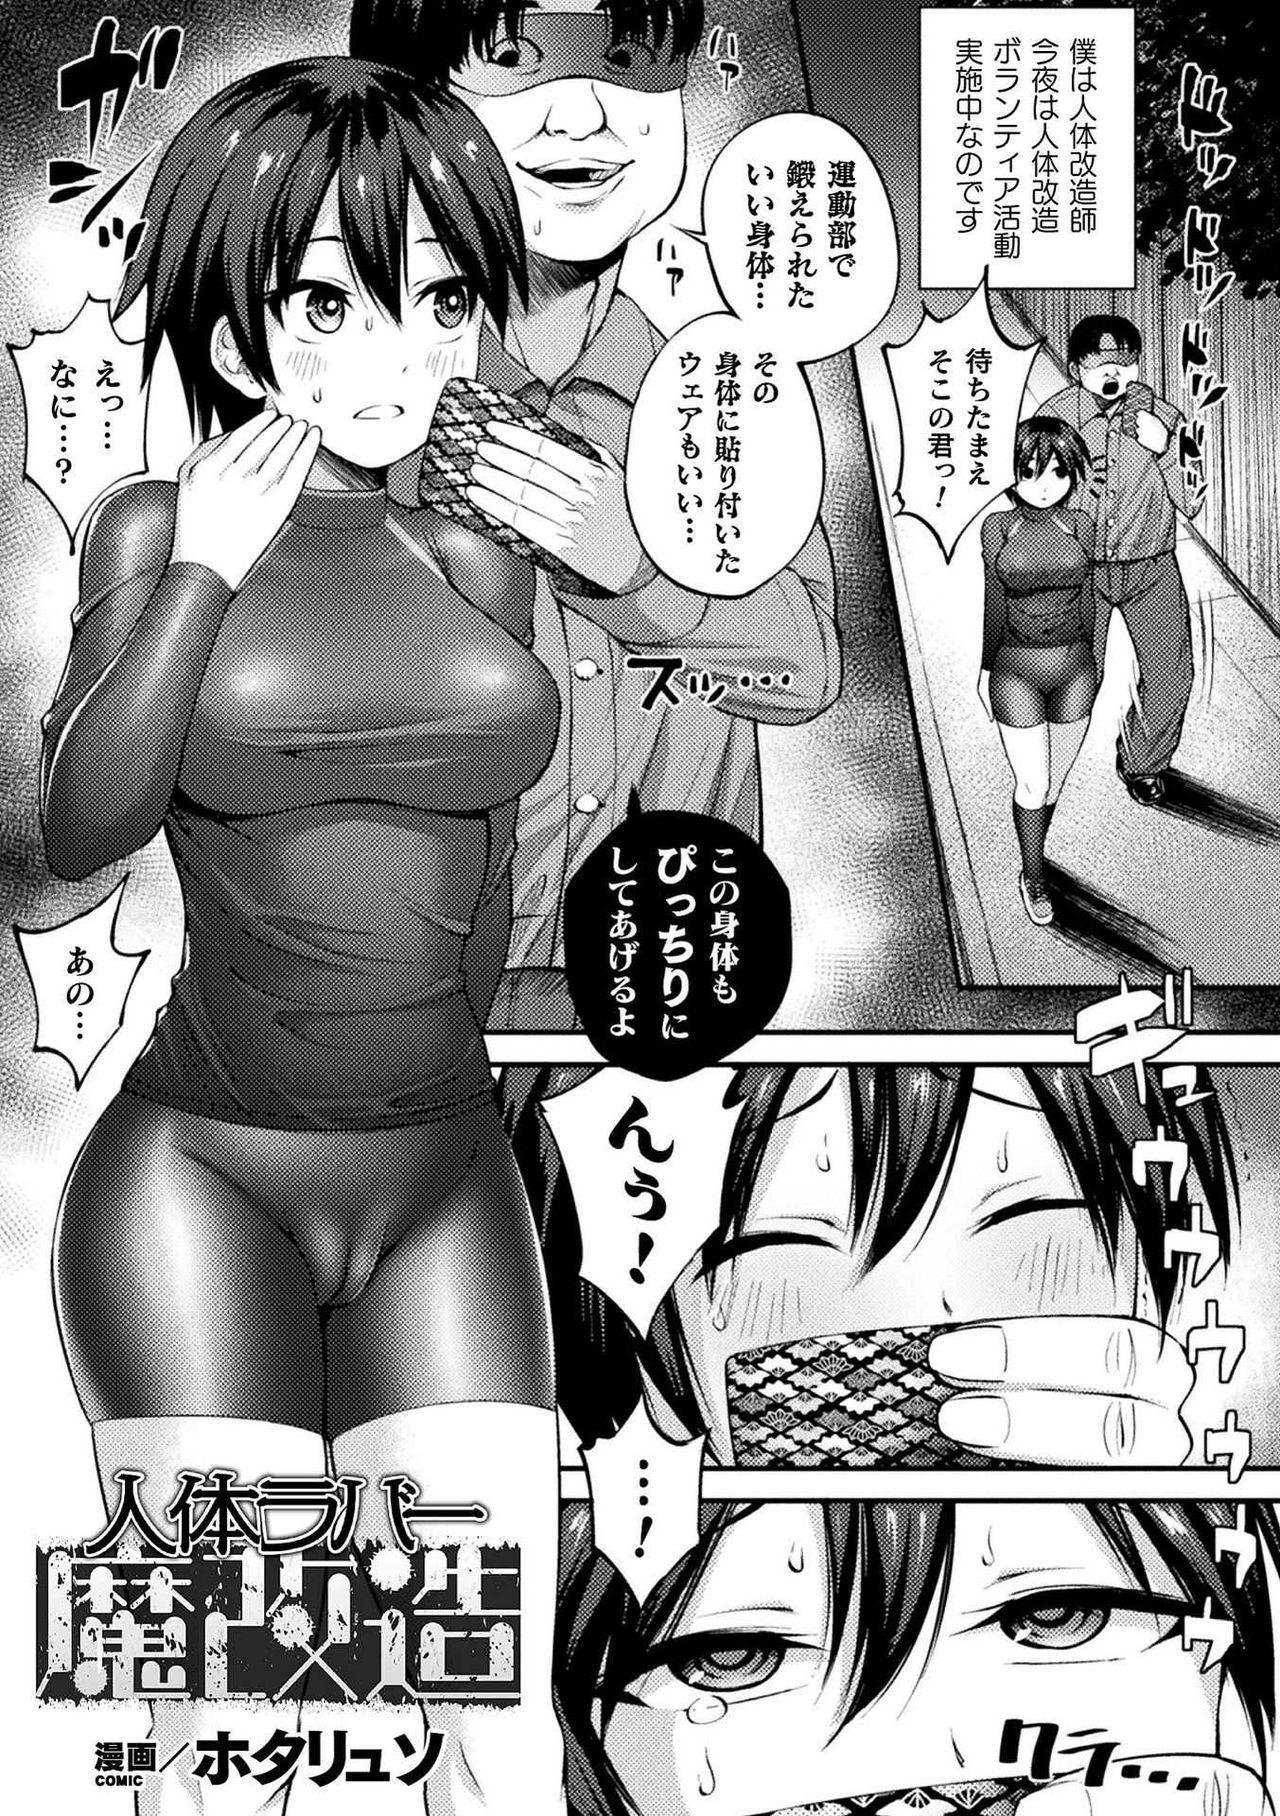 Bessatsu Comic Unreal Joutai Henka & Nikutai Kaizou Hen Vol. 2 18